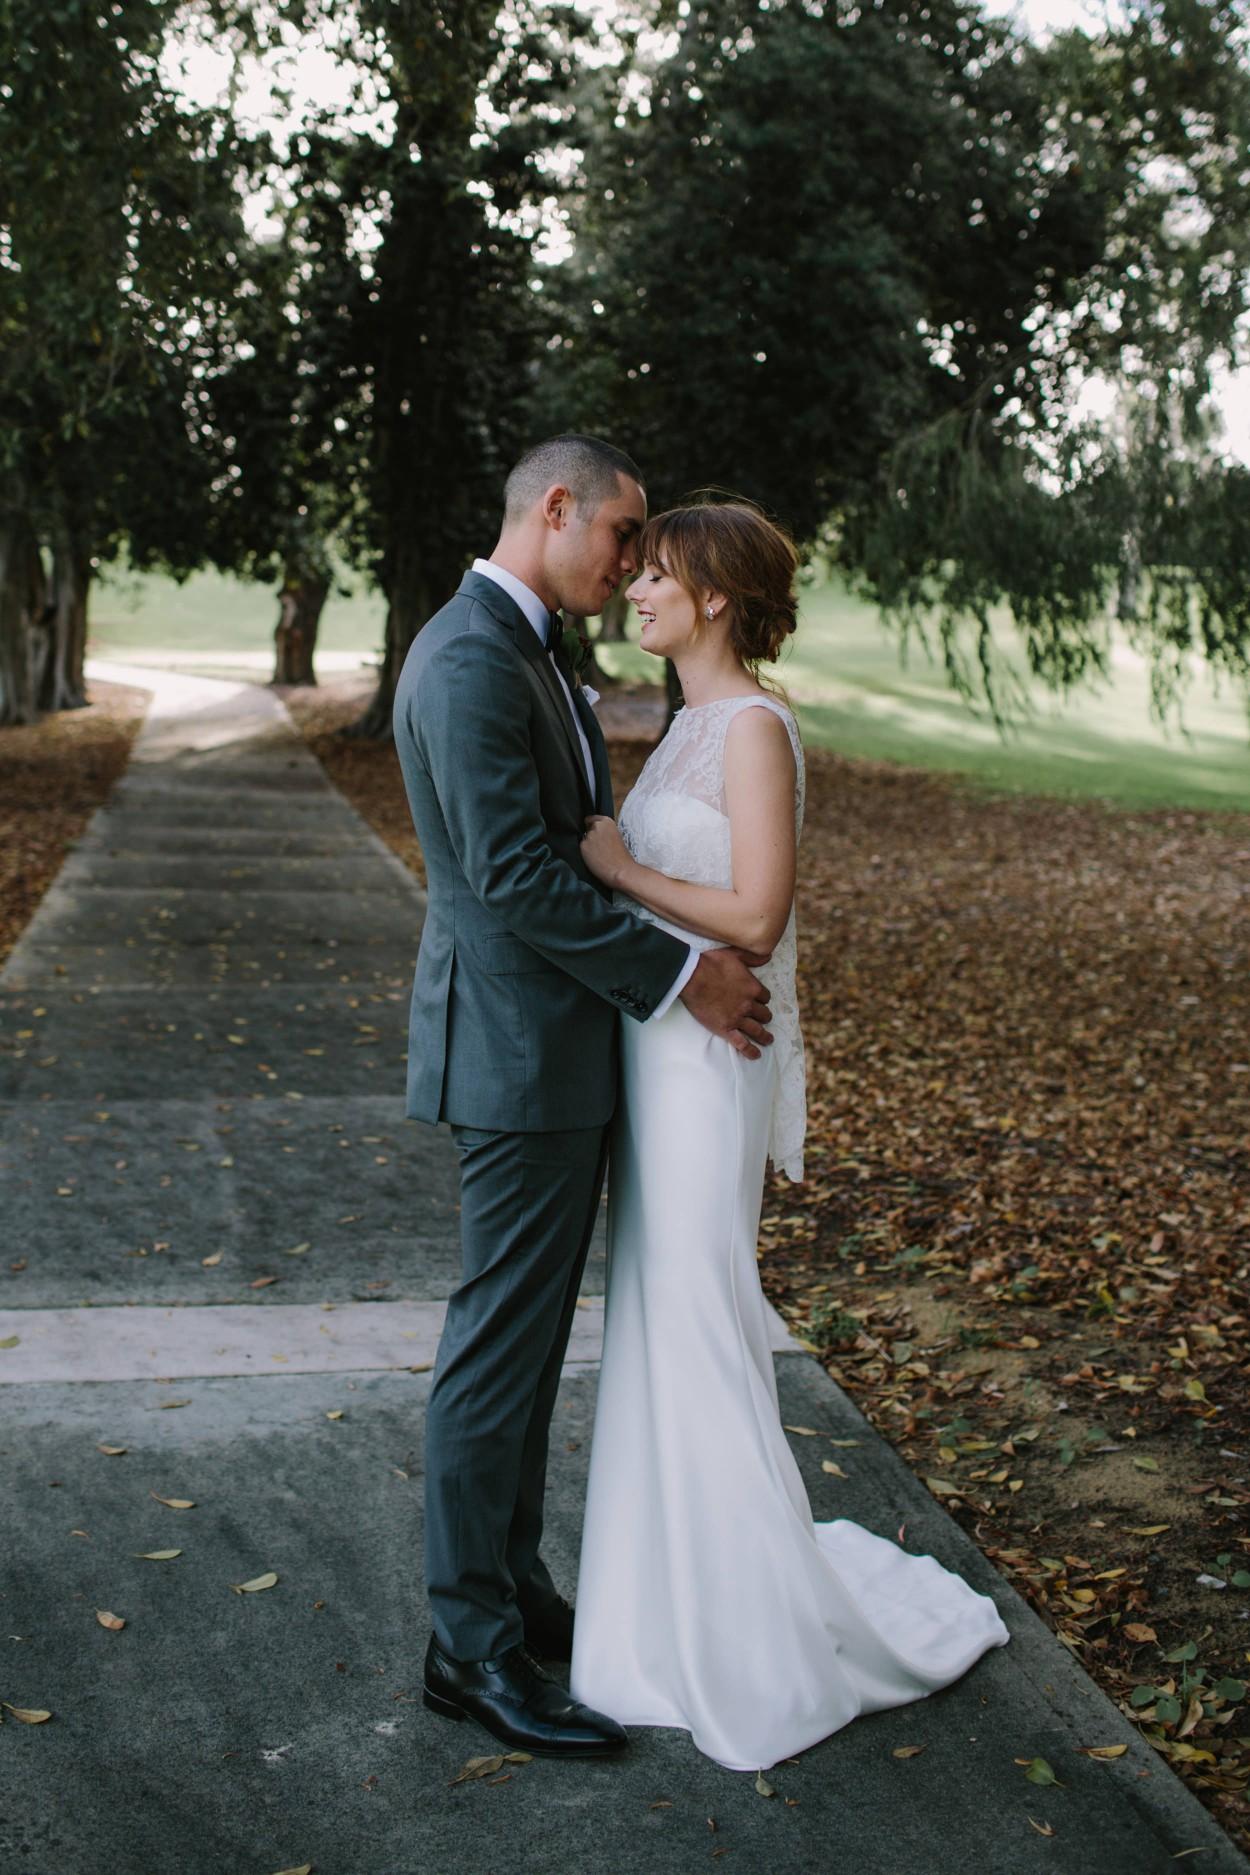 I-Got-You-Babe-&-Co.-Wedding-Photographers-Amanda040.jpg